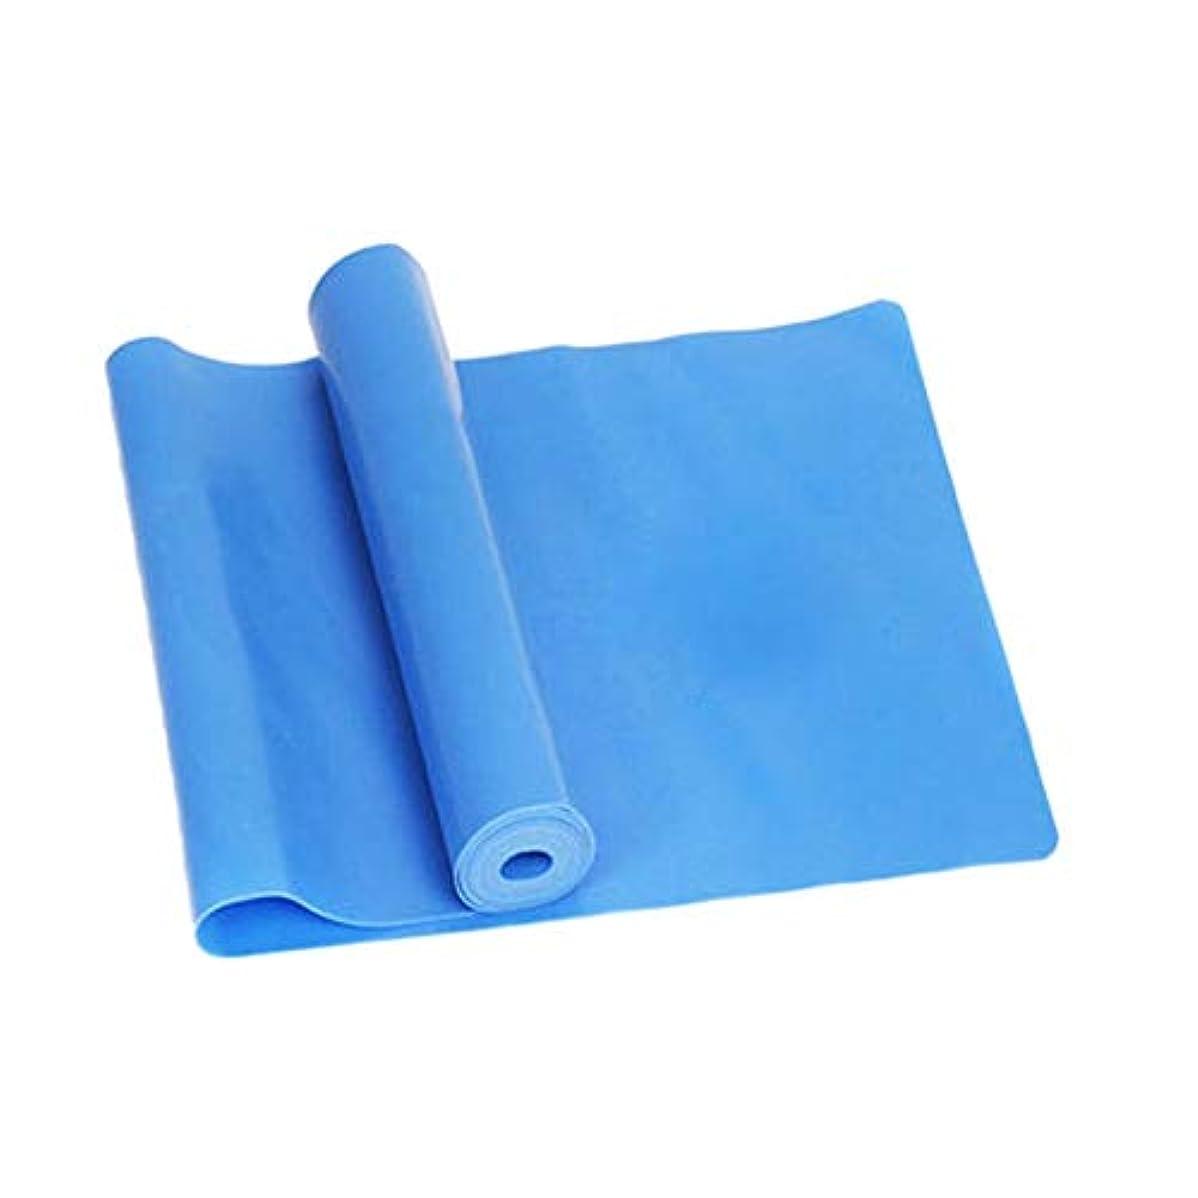 読書をするすでに霧深いスポーツジムフィットネスヨガ用品筋力トレーニング弾性抵抗バンドトレーニングヨガゴムループスポーツピラテスバンド - ブルー